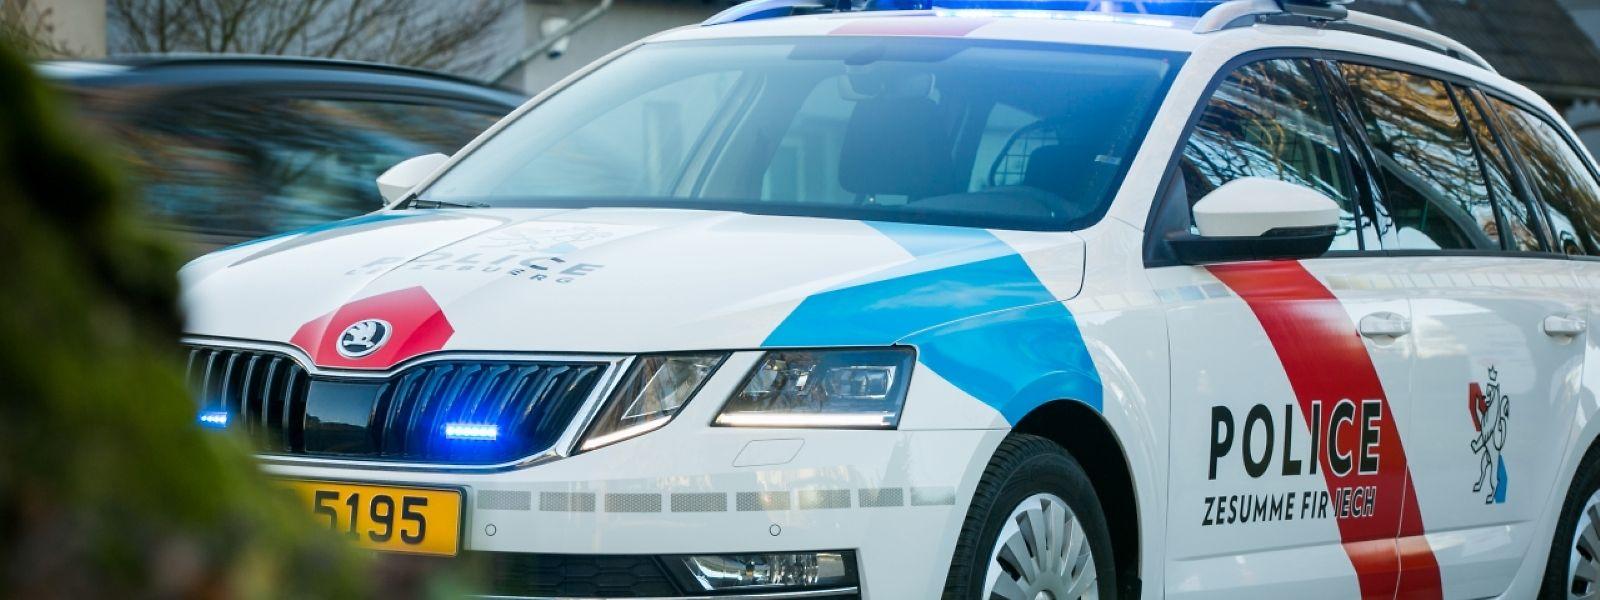 Die Polizei musste in den vergangenen Stunden mehrmals wegen Alkohol am Steuer eingreifen.